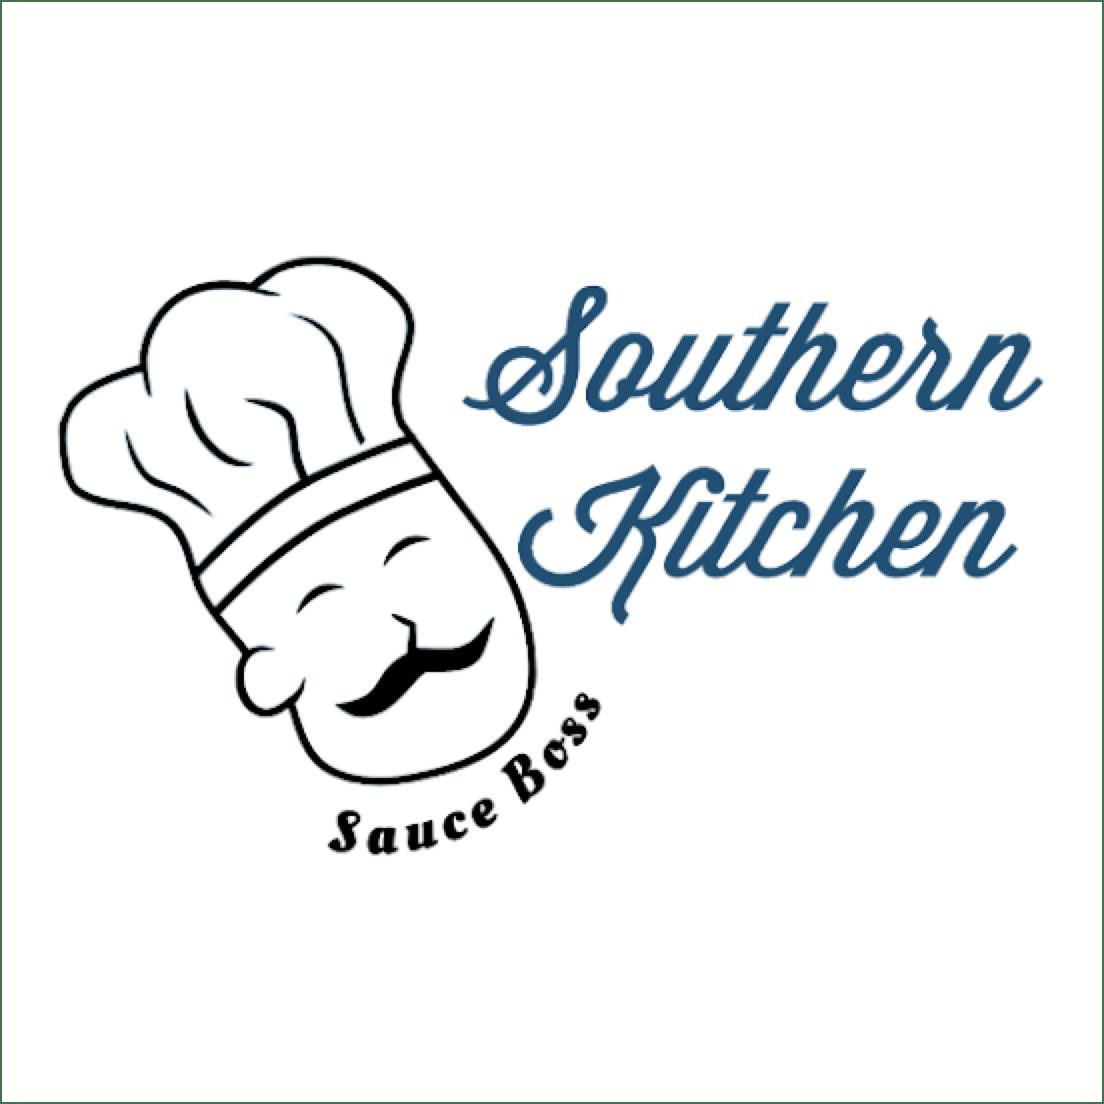 Sauce Boss Southern Kitchen